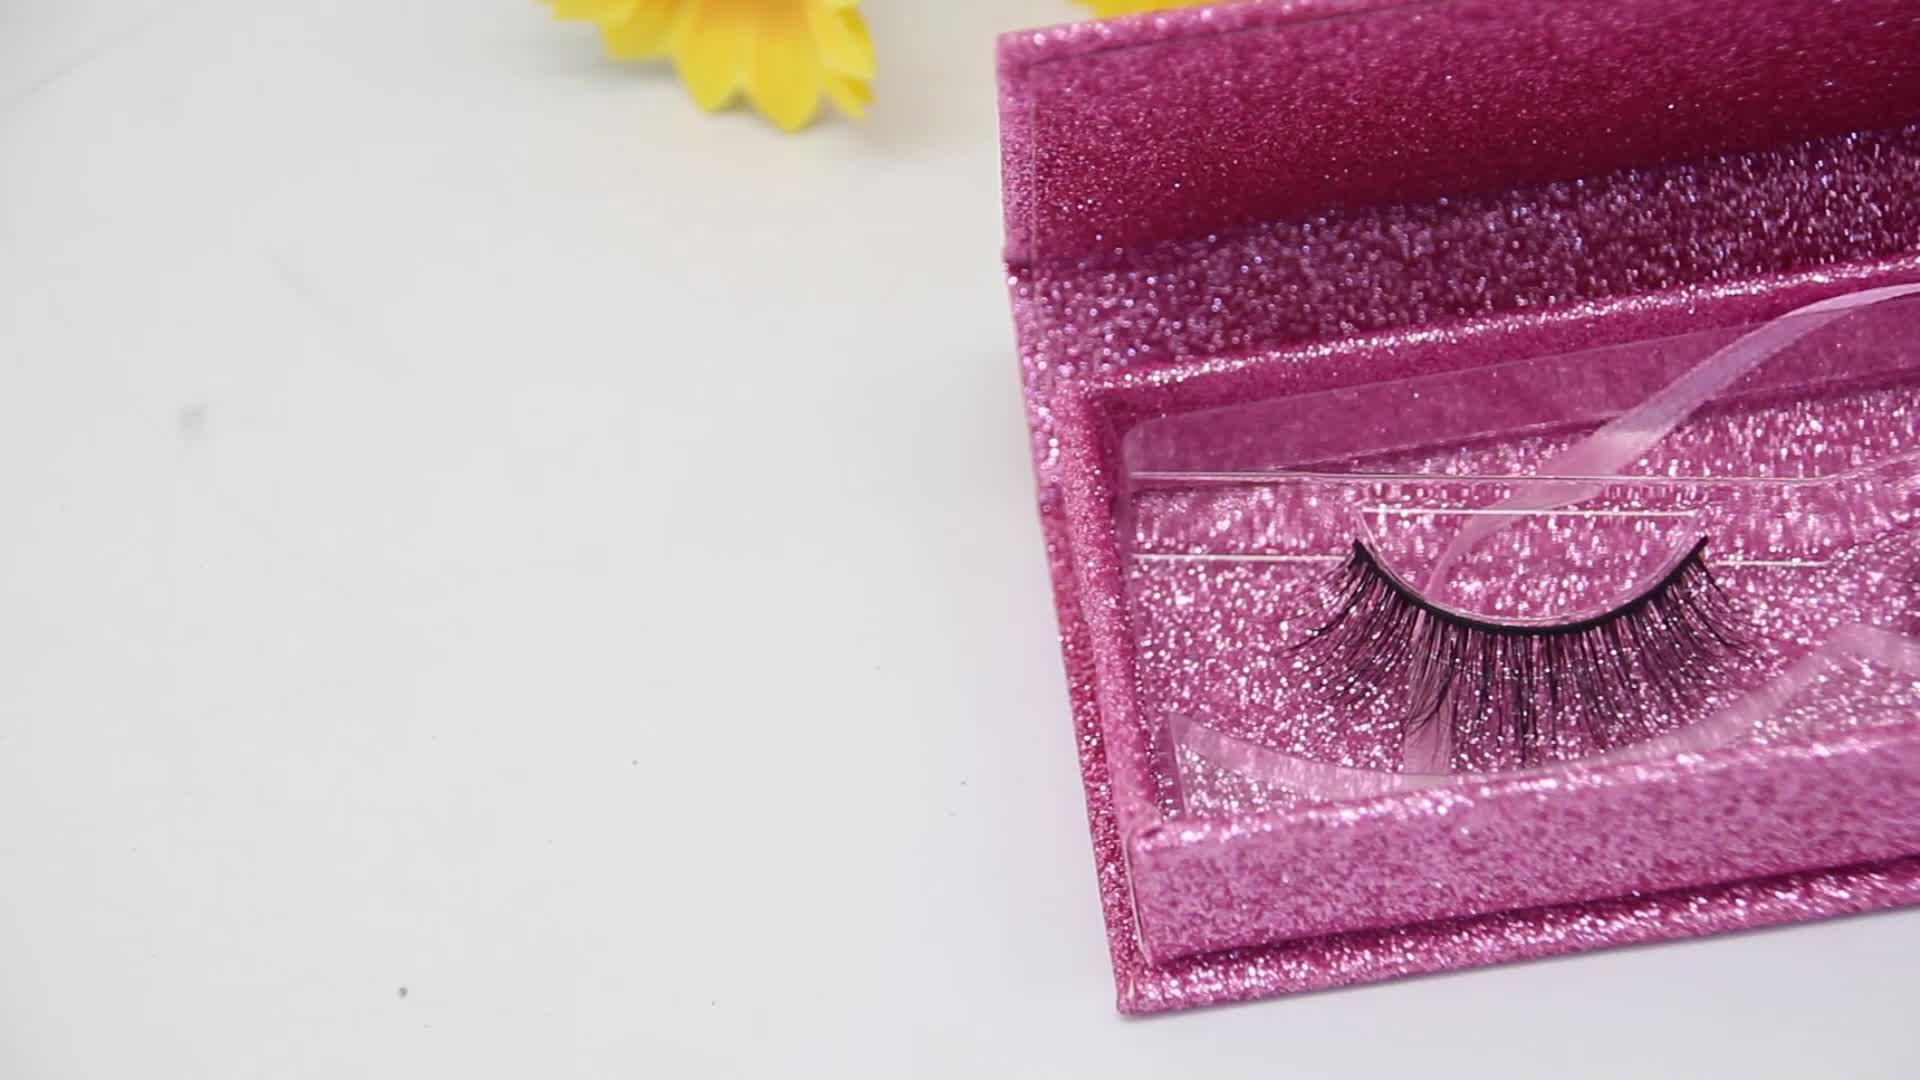 ขนตาสีชมพูบรรจุภัณฑ์กล่องฉลากส่วนตัวขนตากล่องบรรจุภัณฑ์สำหรับ mink eyelashes